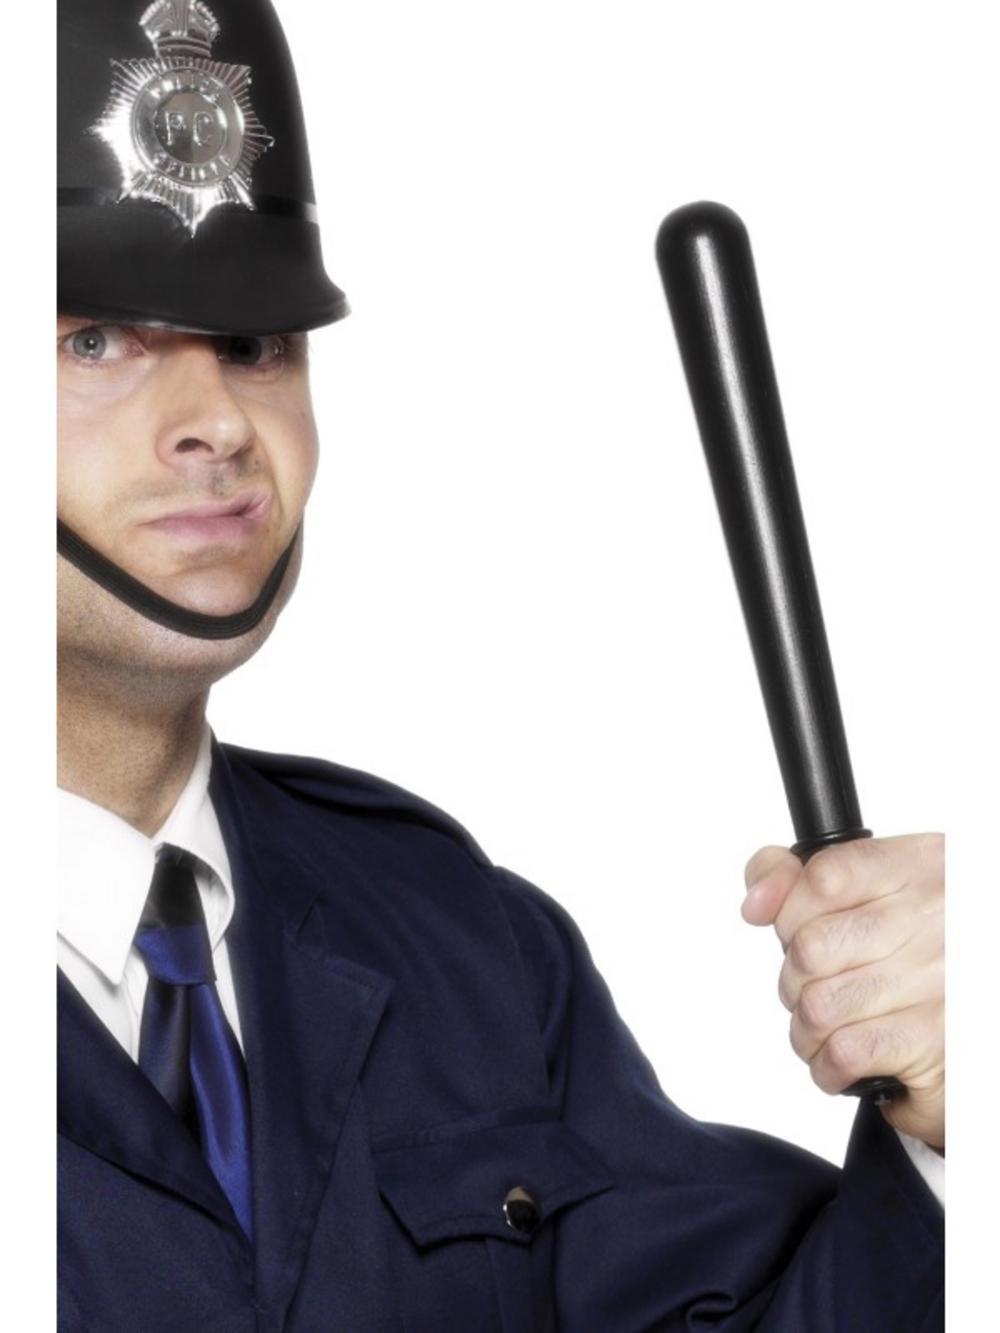 Squeaking Policeman Truncheon